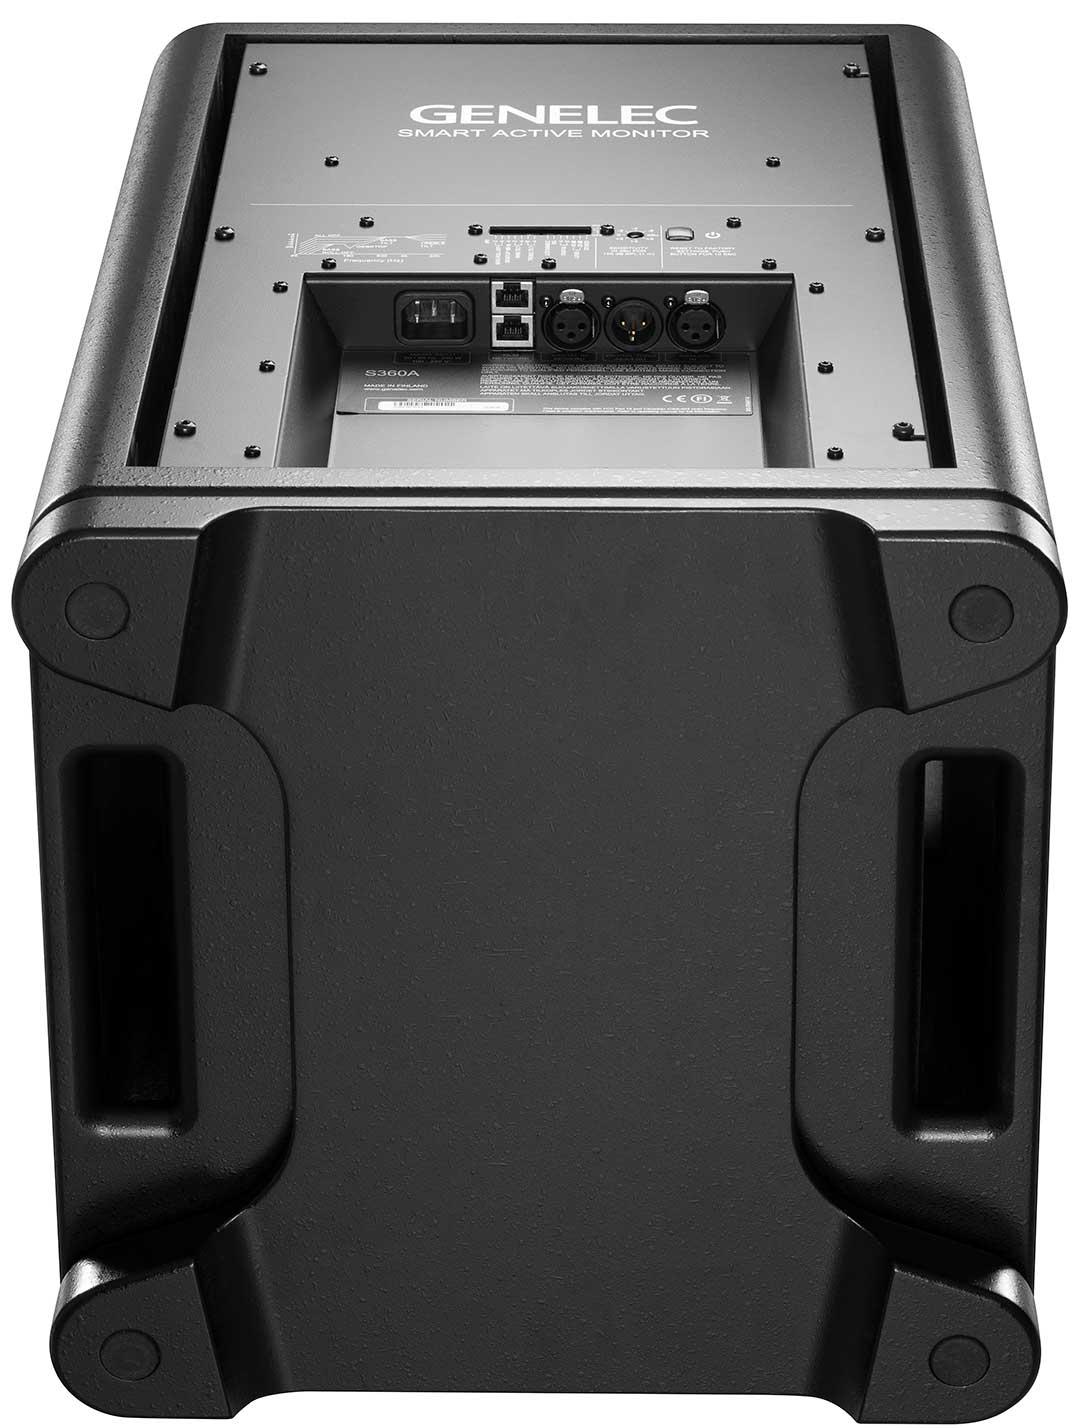 Blick von unten auch die sogenannte IsoPlate-Standplattform der Genelec S360, die den Lautspreche rvom Untergrund entkoppeln soll. Links und rechts zu sehen: die Bassreflex-Kanäle